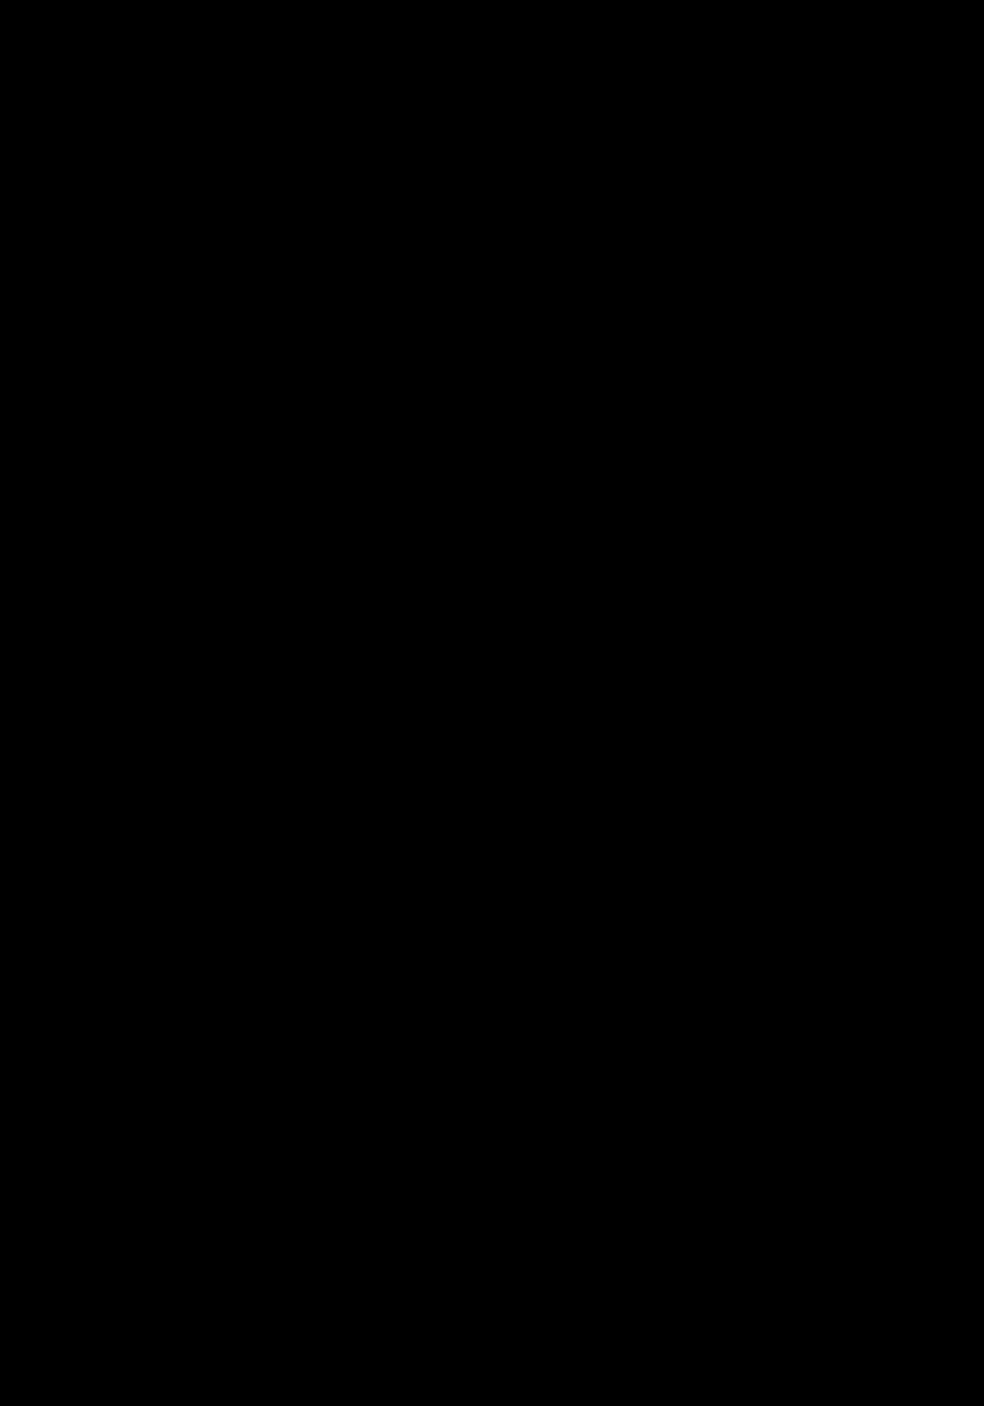 ゴカール U(かな) UGC 縦組見本